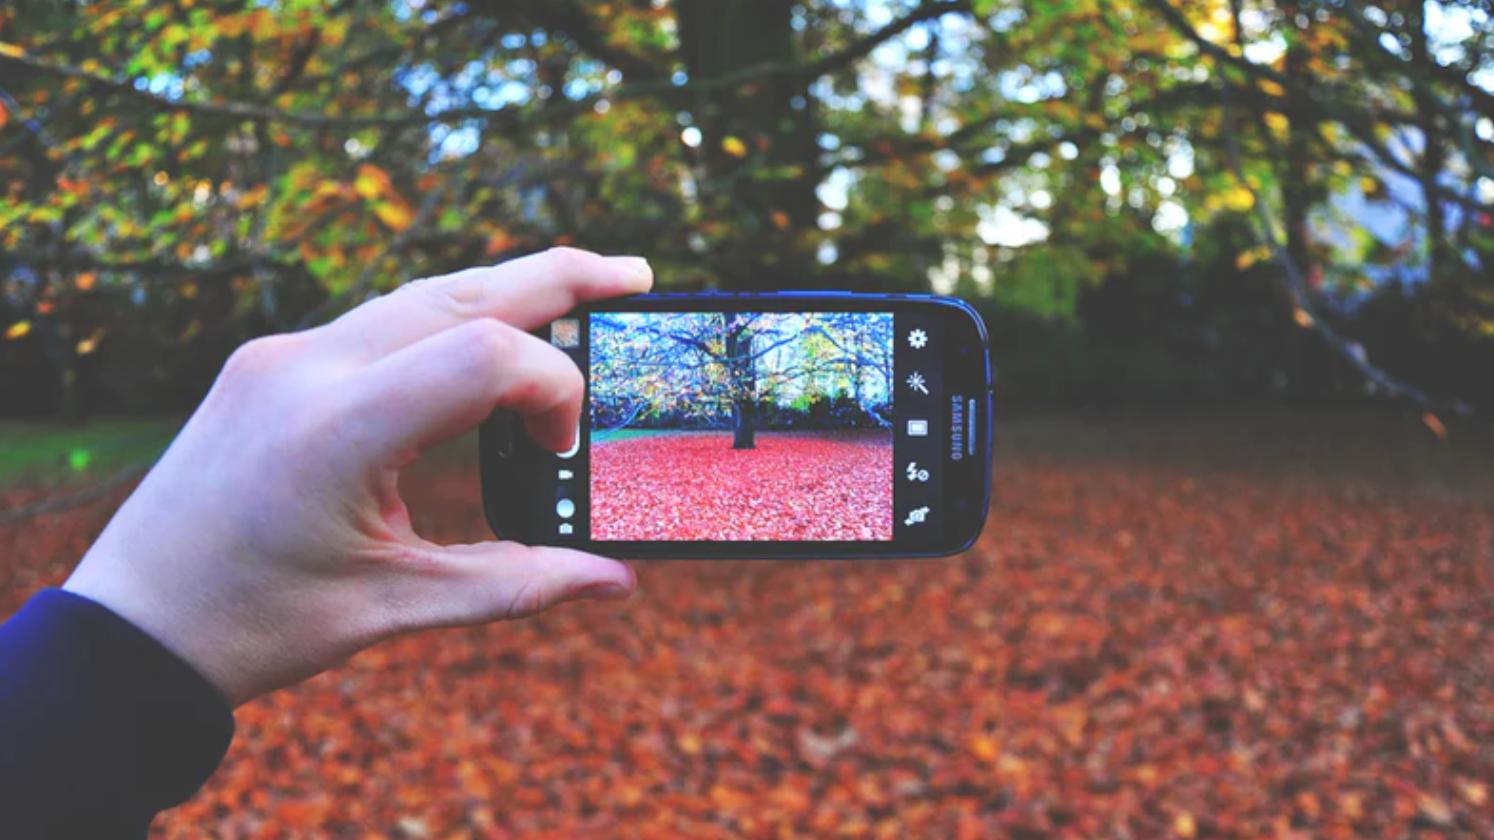 即拿即拍!超輕便攜帶『手機攝影小物』專業手機拍照穩定器推薦